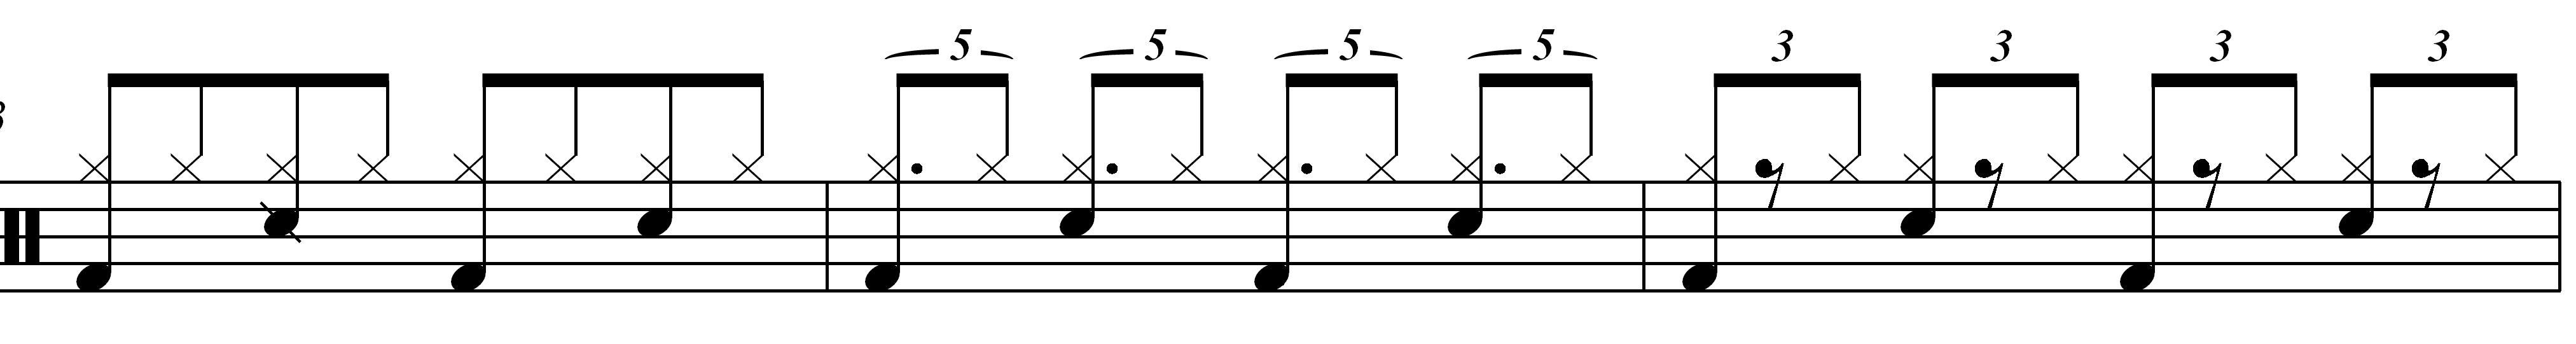 shuffle-2-5-3001